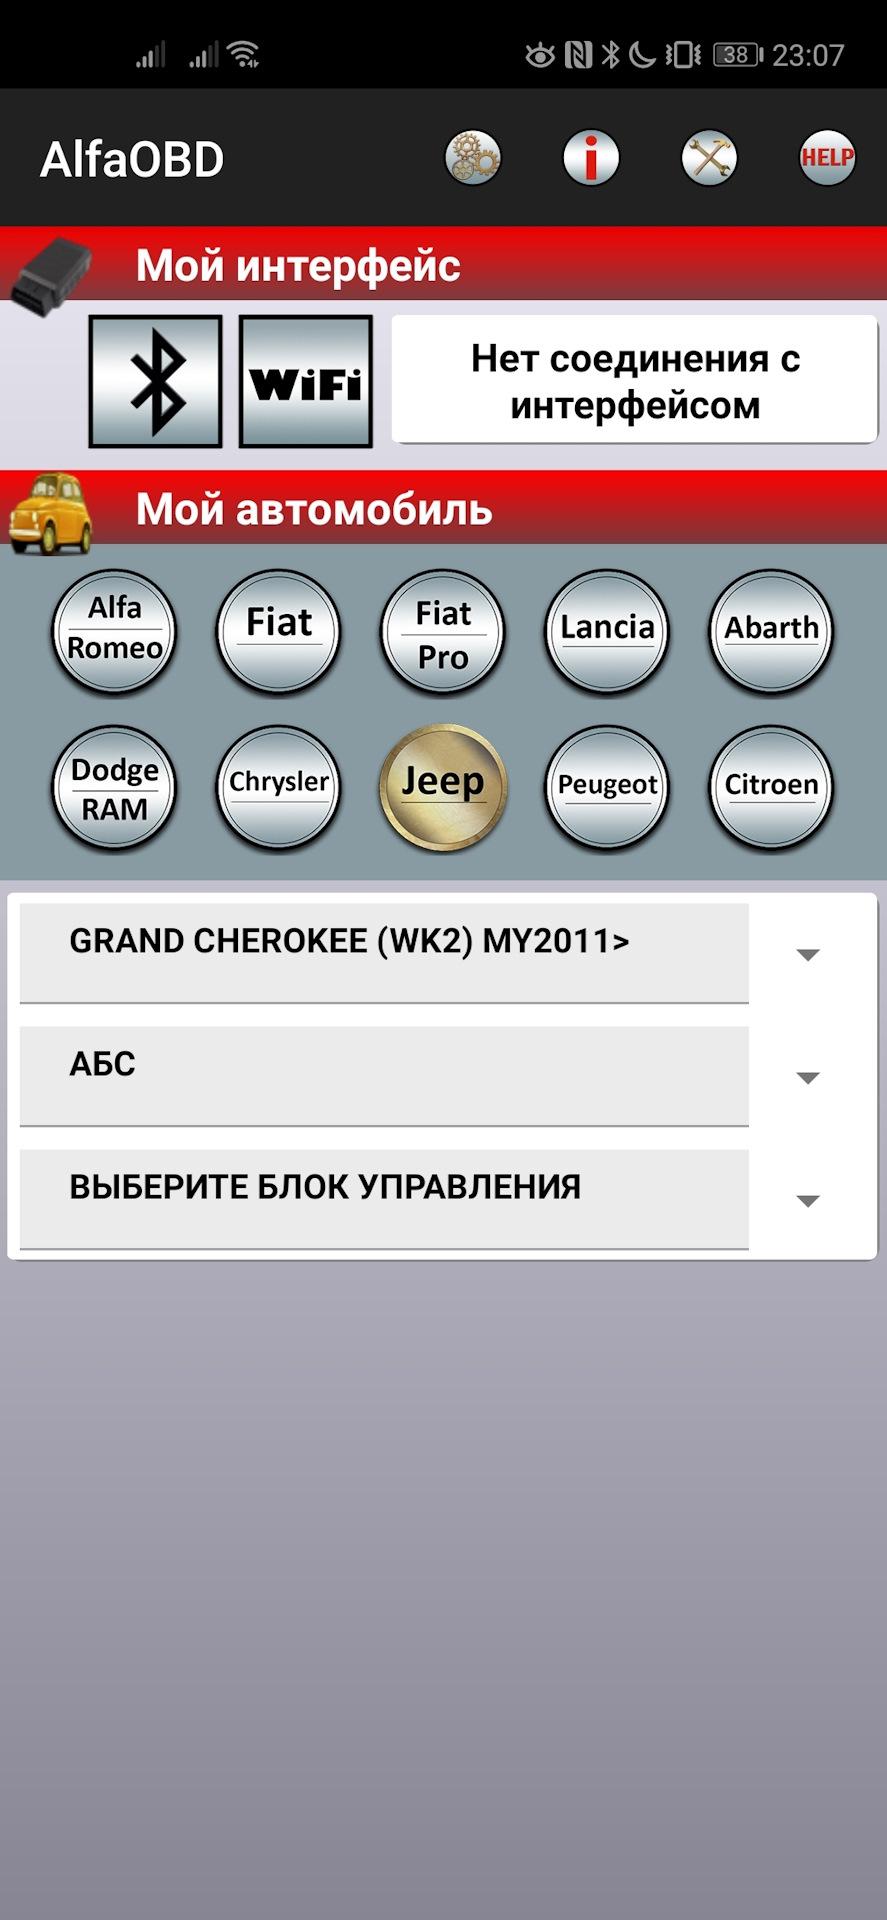 VEAAAgK_MeA-960.jpg